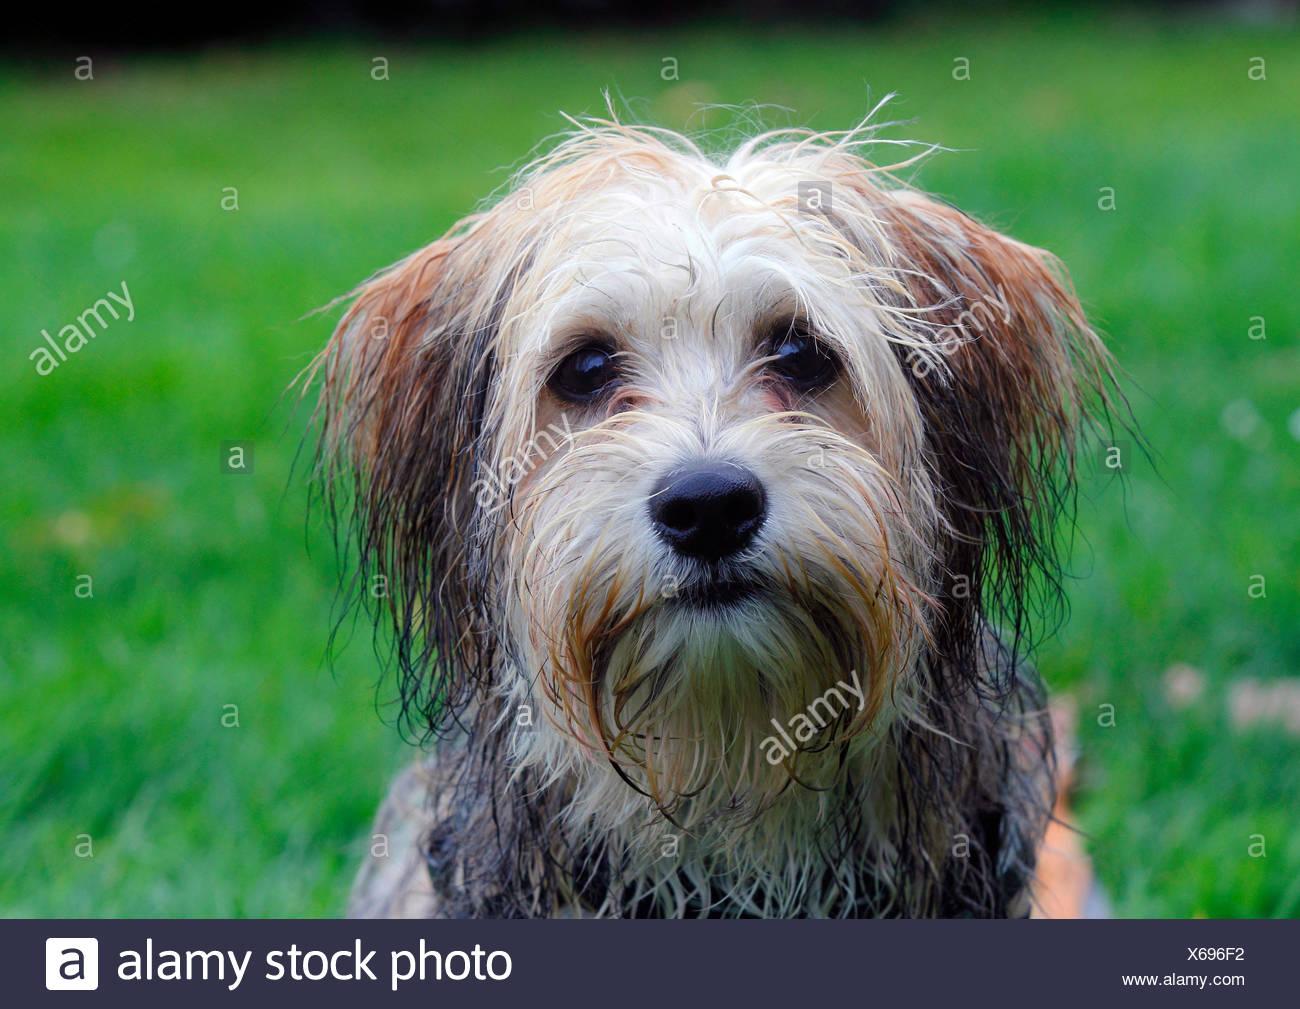 Razza cane (Canis lupus f. familiaris), cinque mesi Maltese maschio Chihuahua razza cane, ritratto in un prato, Germania Immagini Stock